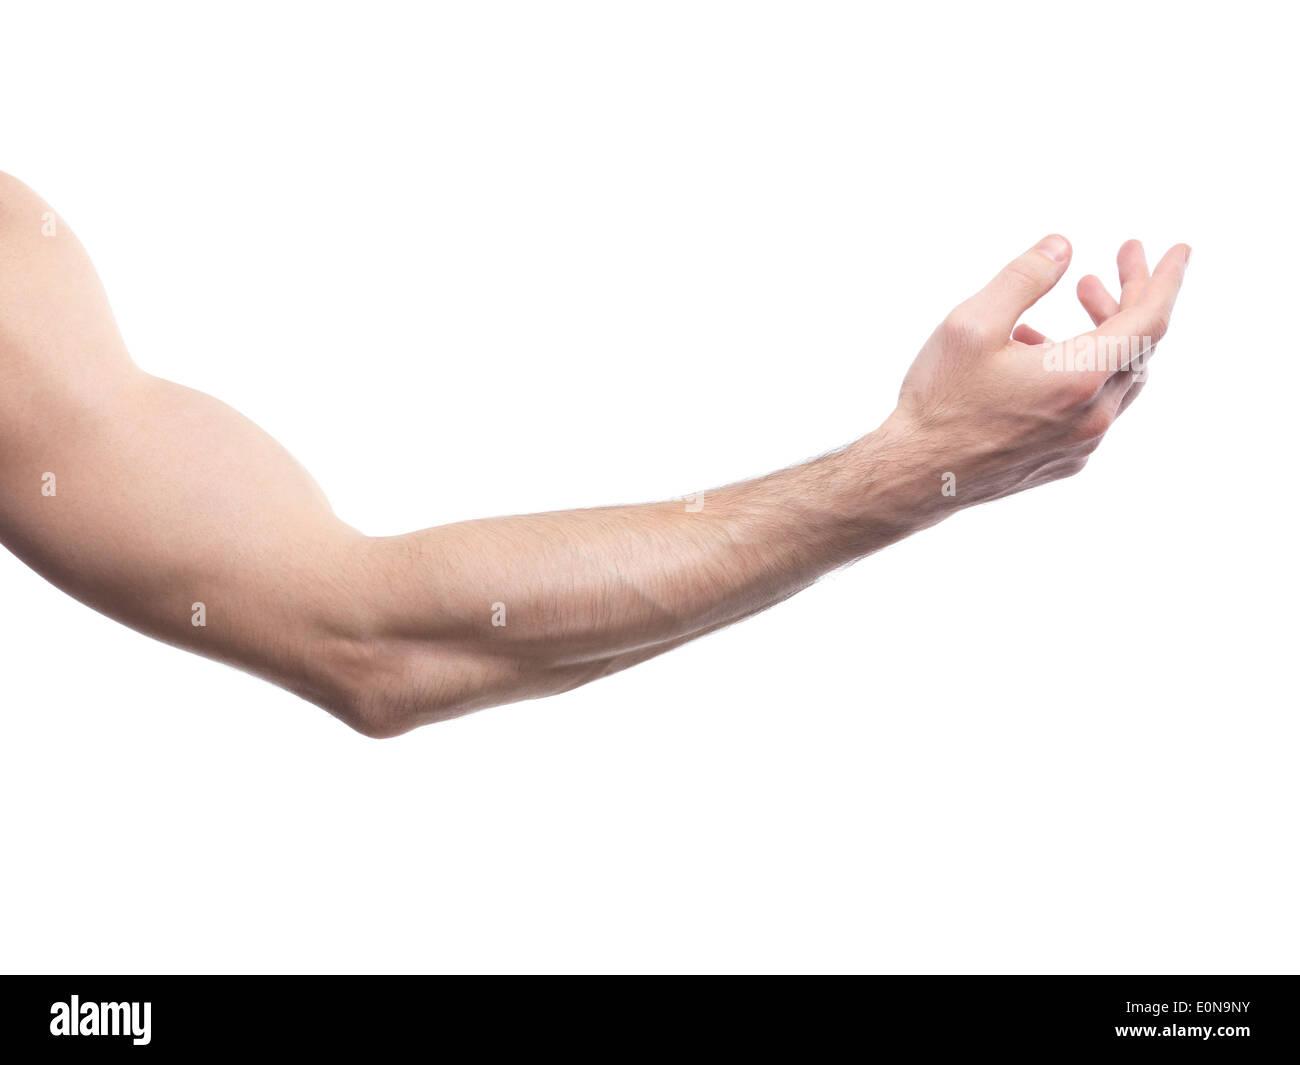 El hombre con el brazo doblado en un codo aislado sobre fondo blanco. Imagen De Stock